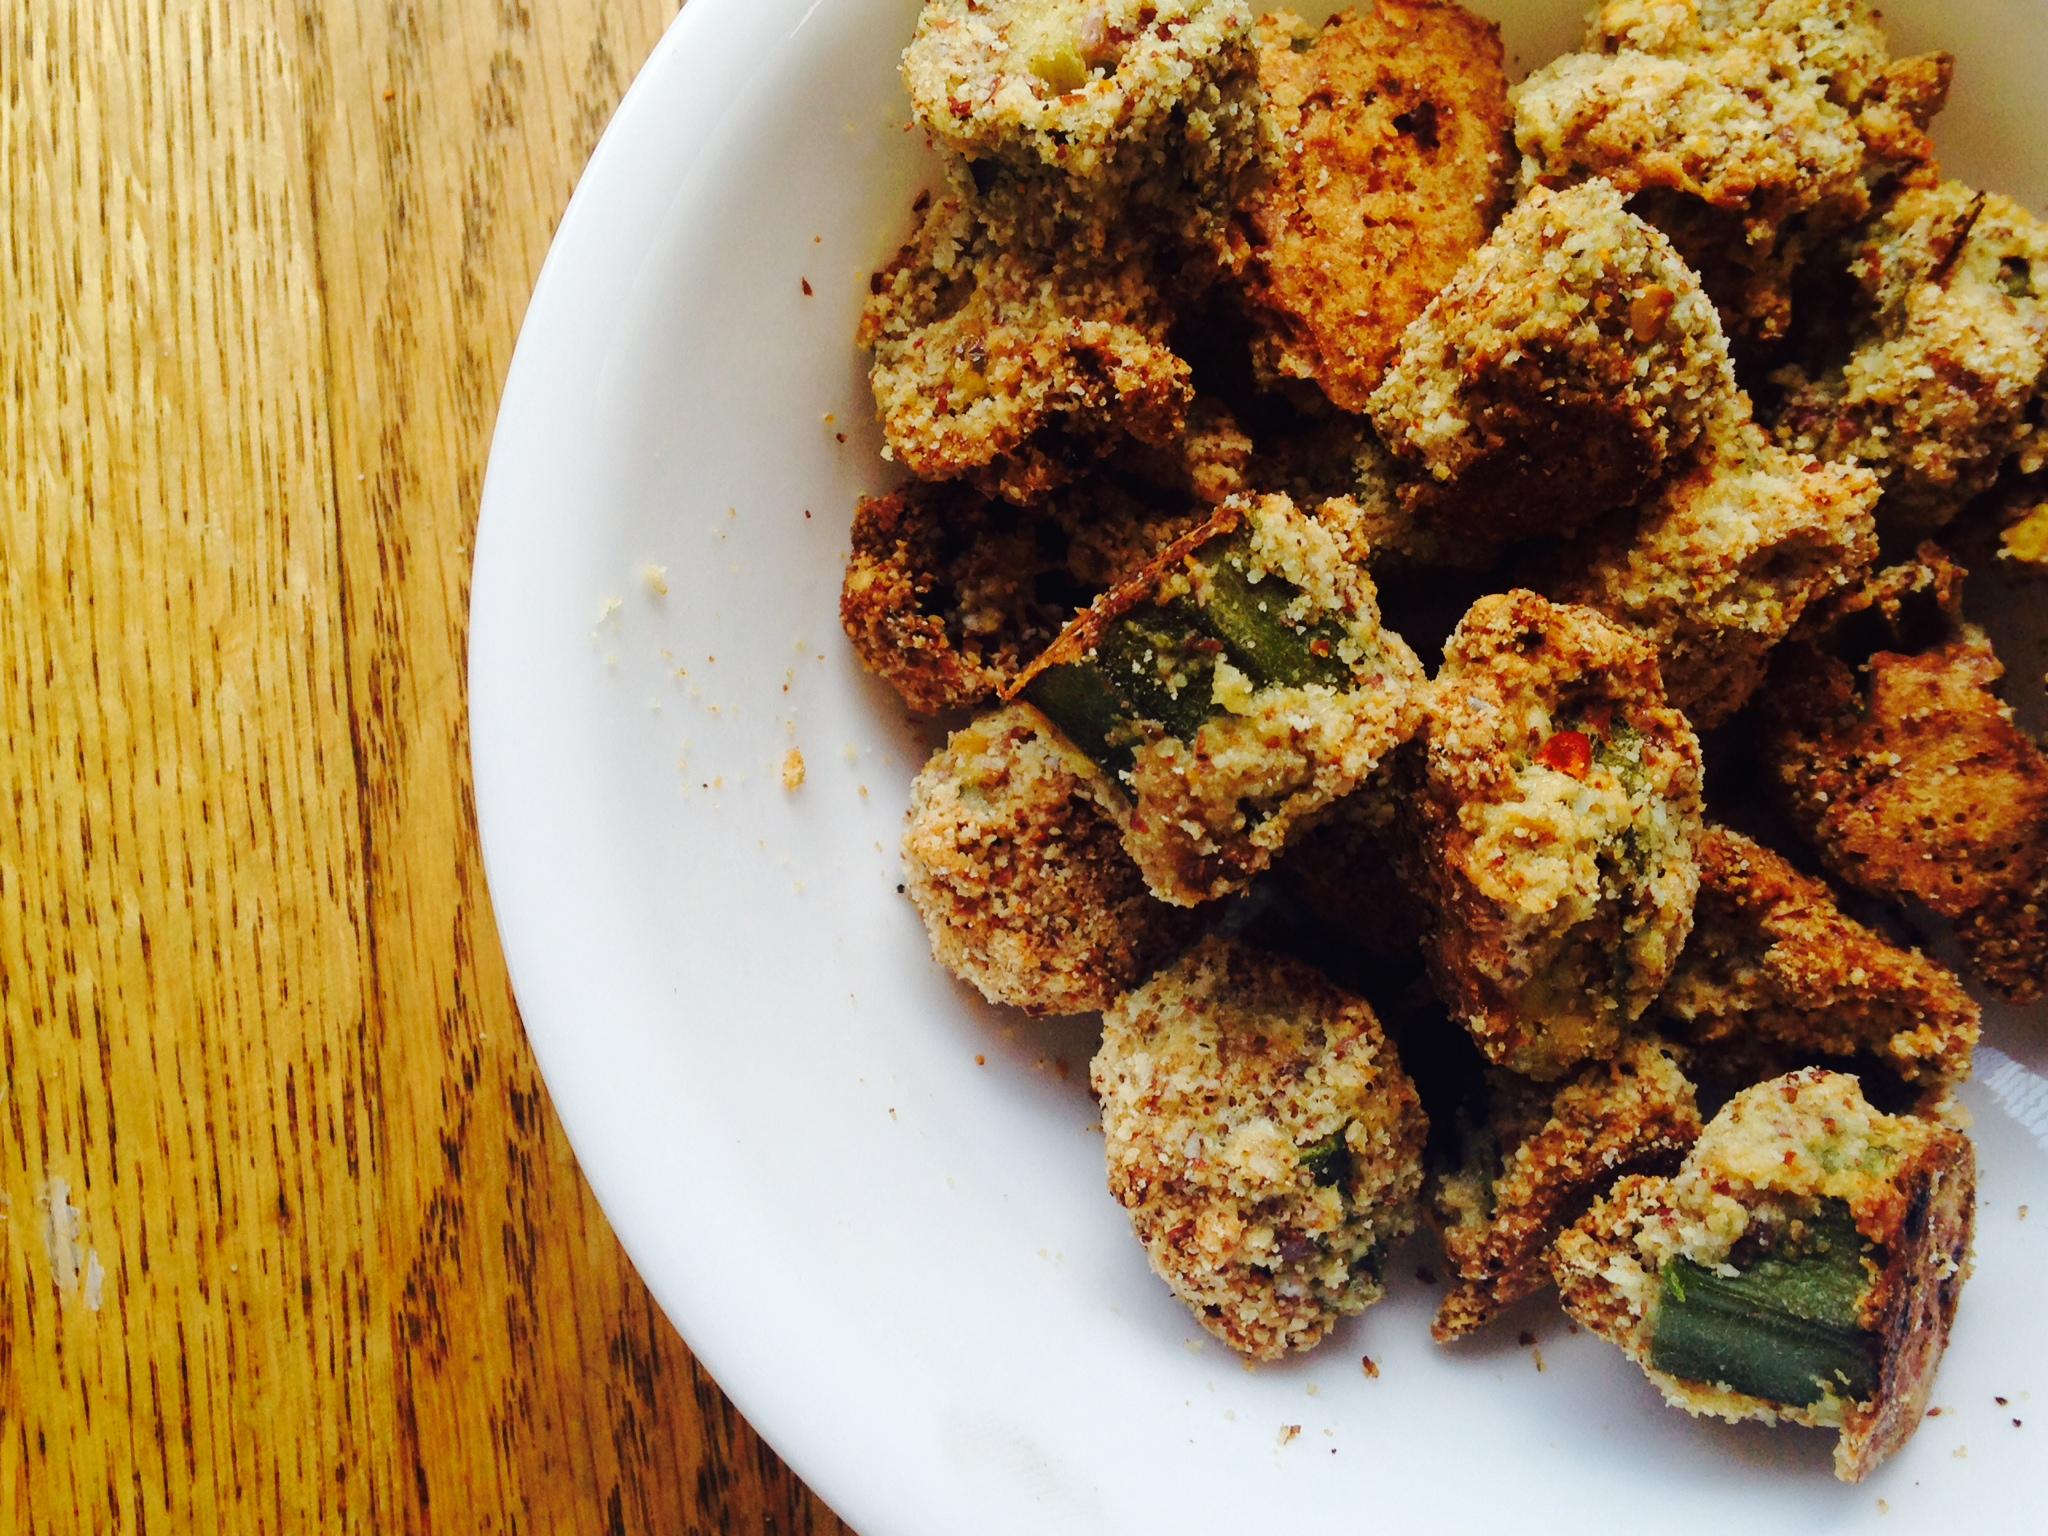 cracker barrel nutrition fried okra